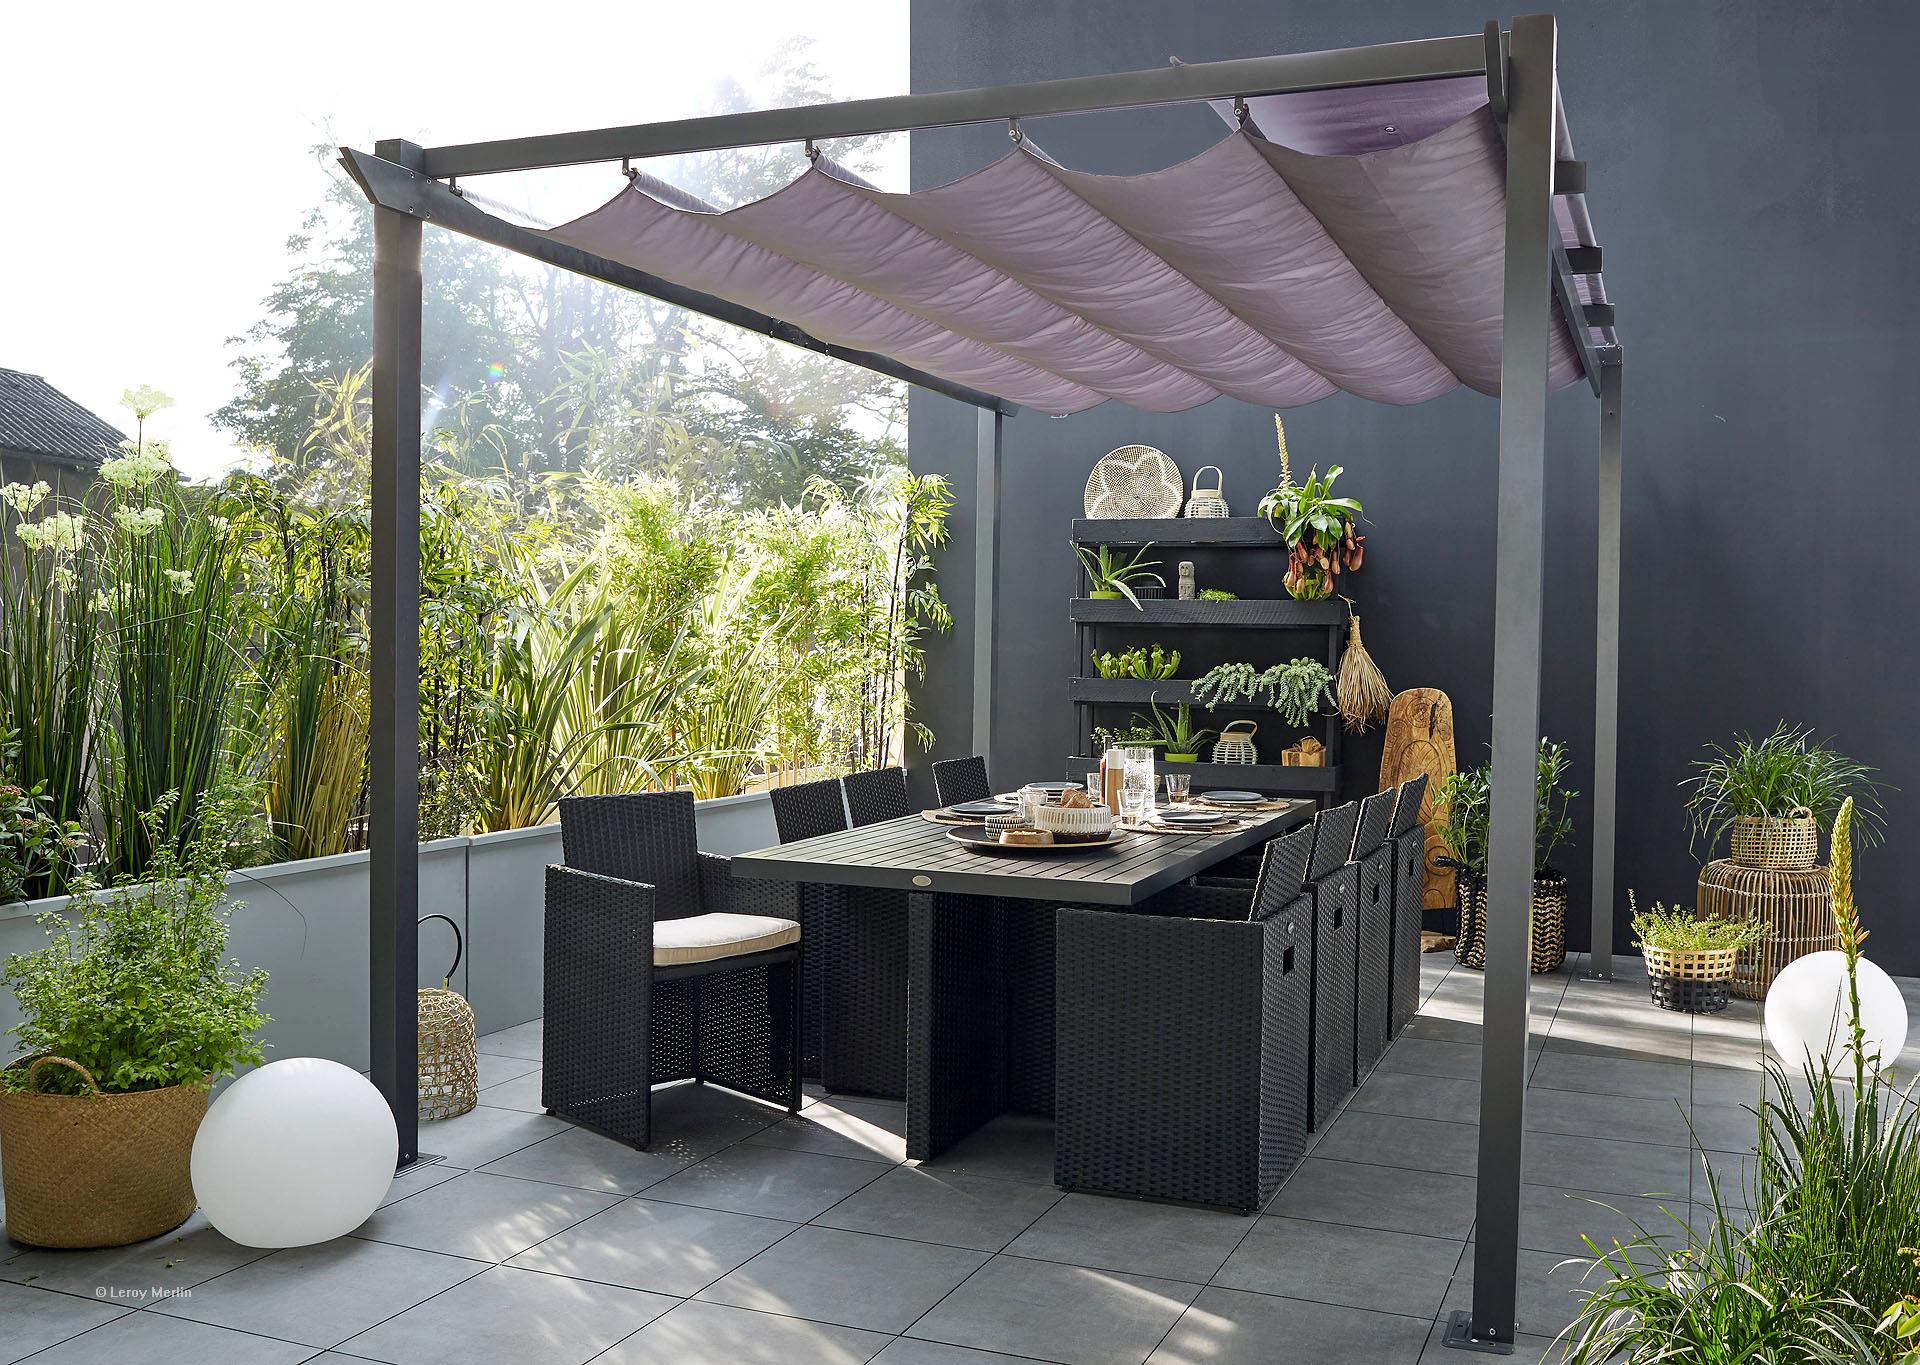 Comment Installer Des Plantes En Bac Sur Sa Terrasse concernant Amanager Un Petit Jardin